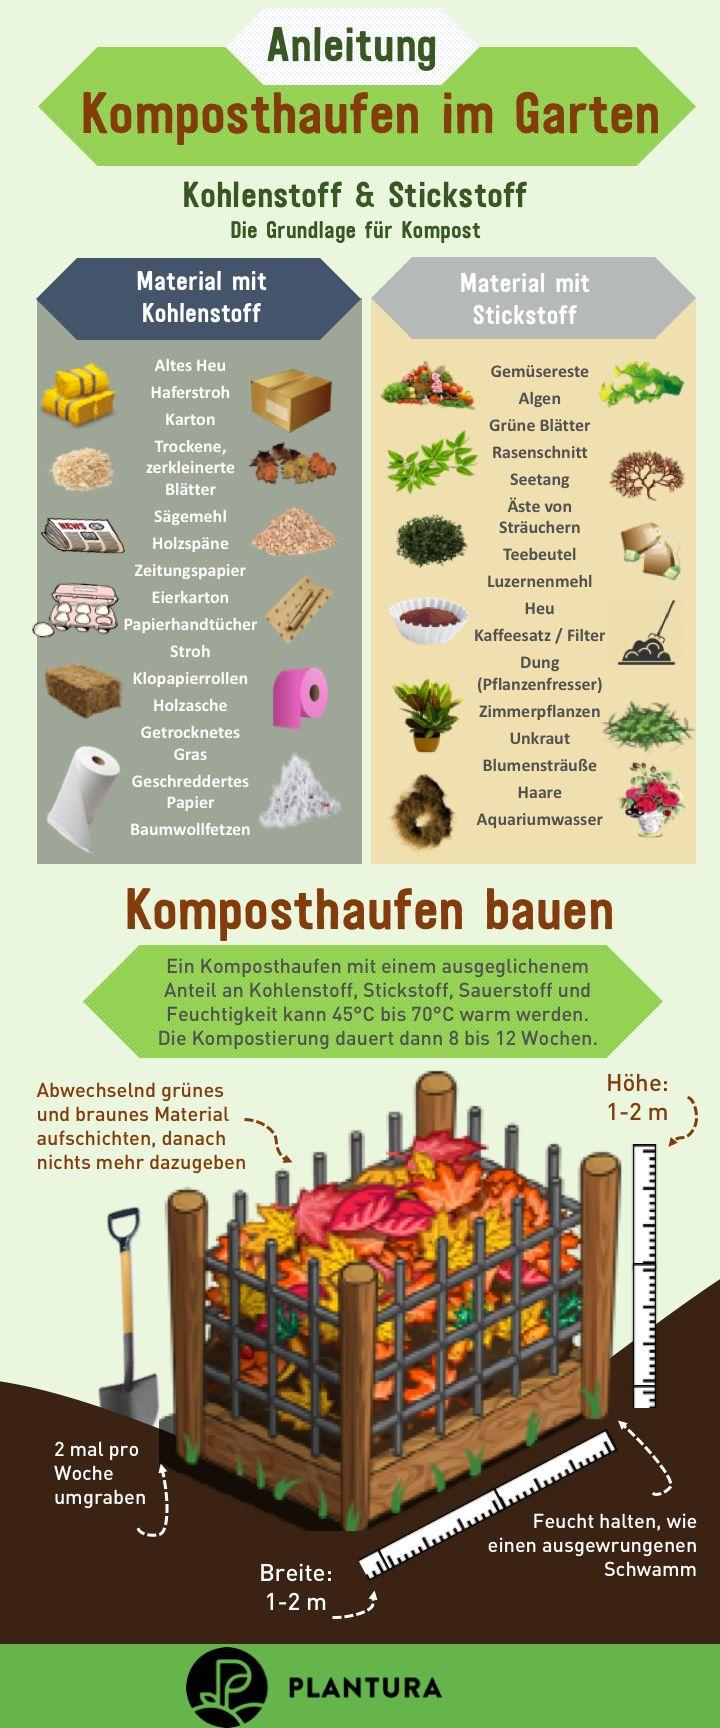 Kompost: Warum jeder Gärtner einen eigenen anlegen sollte!